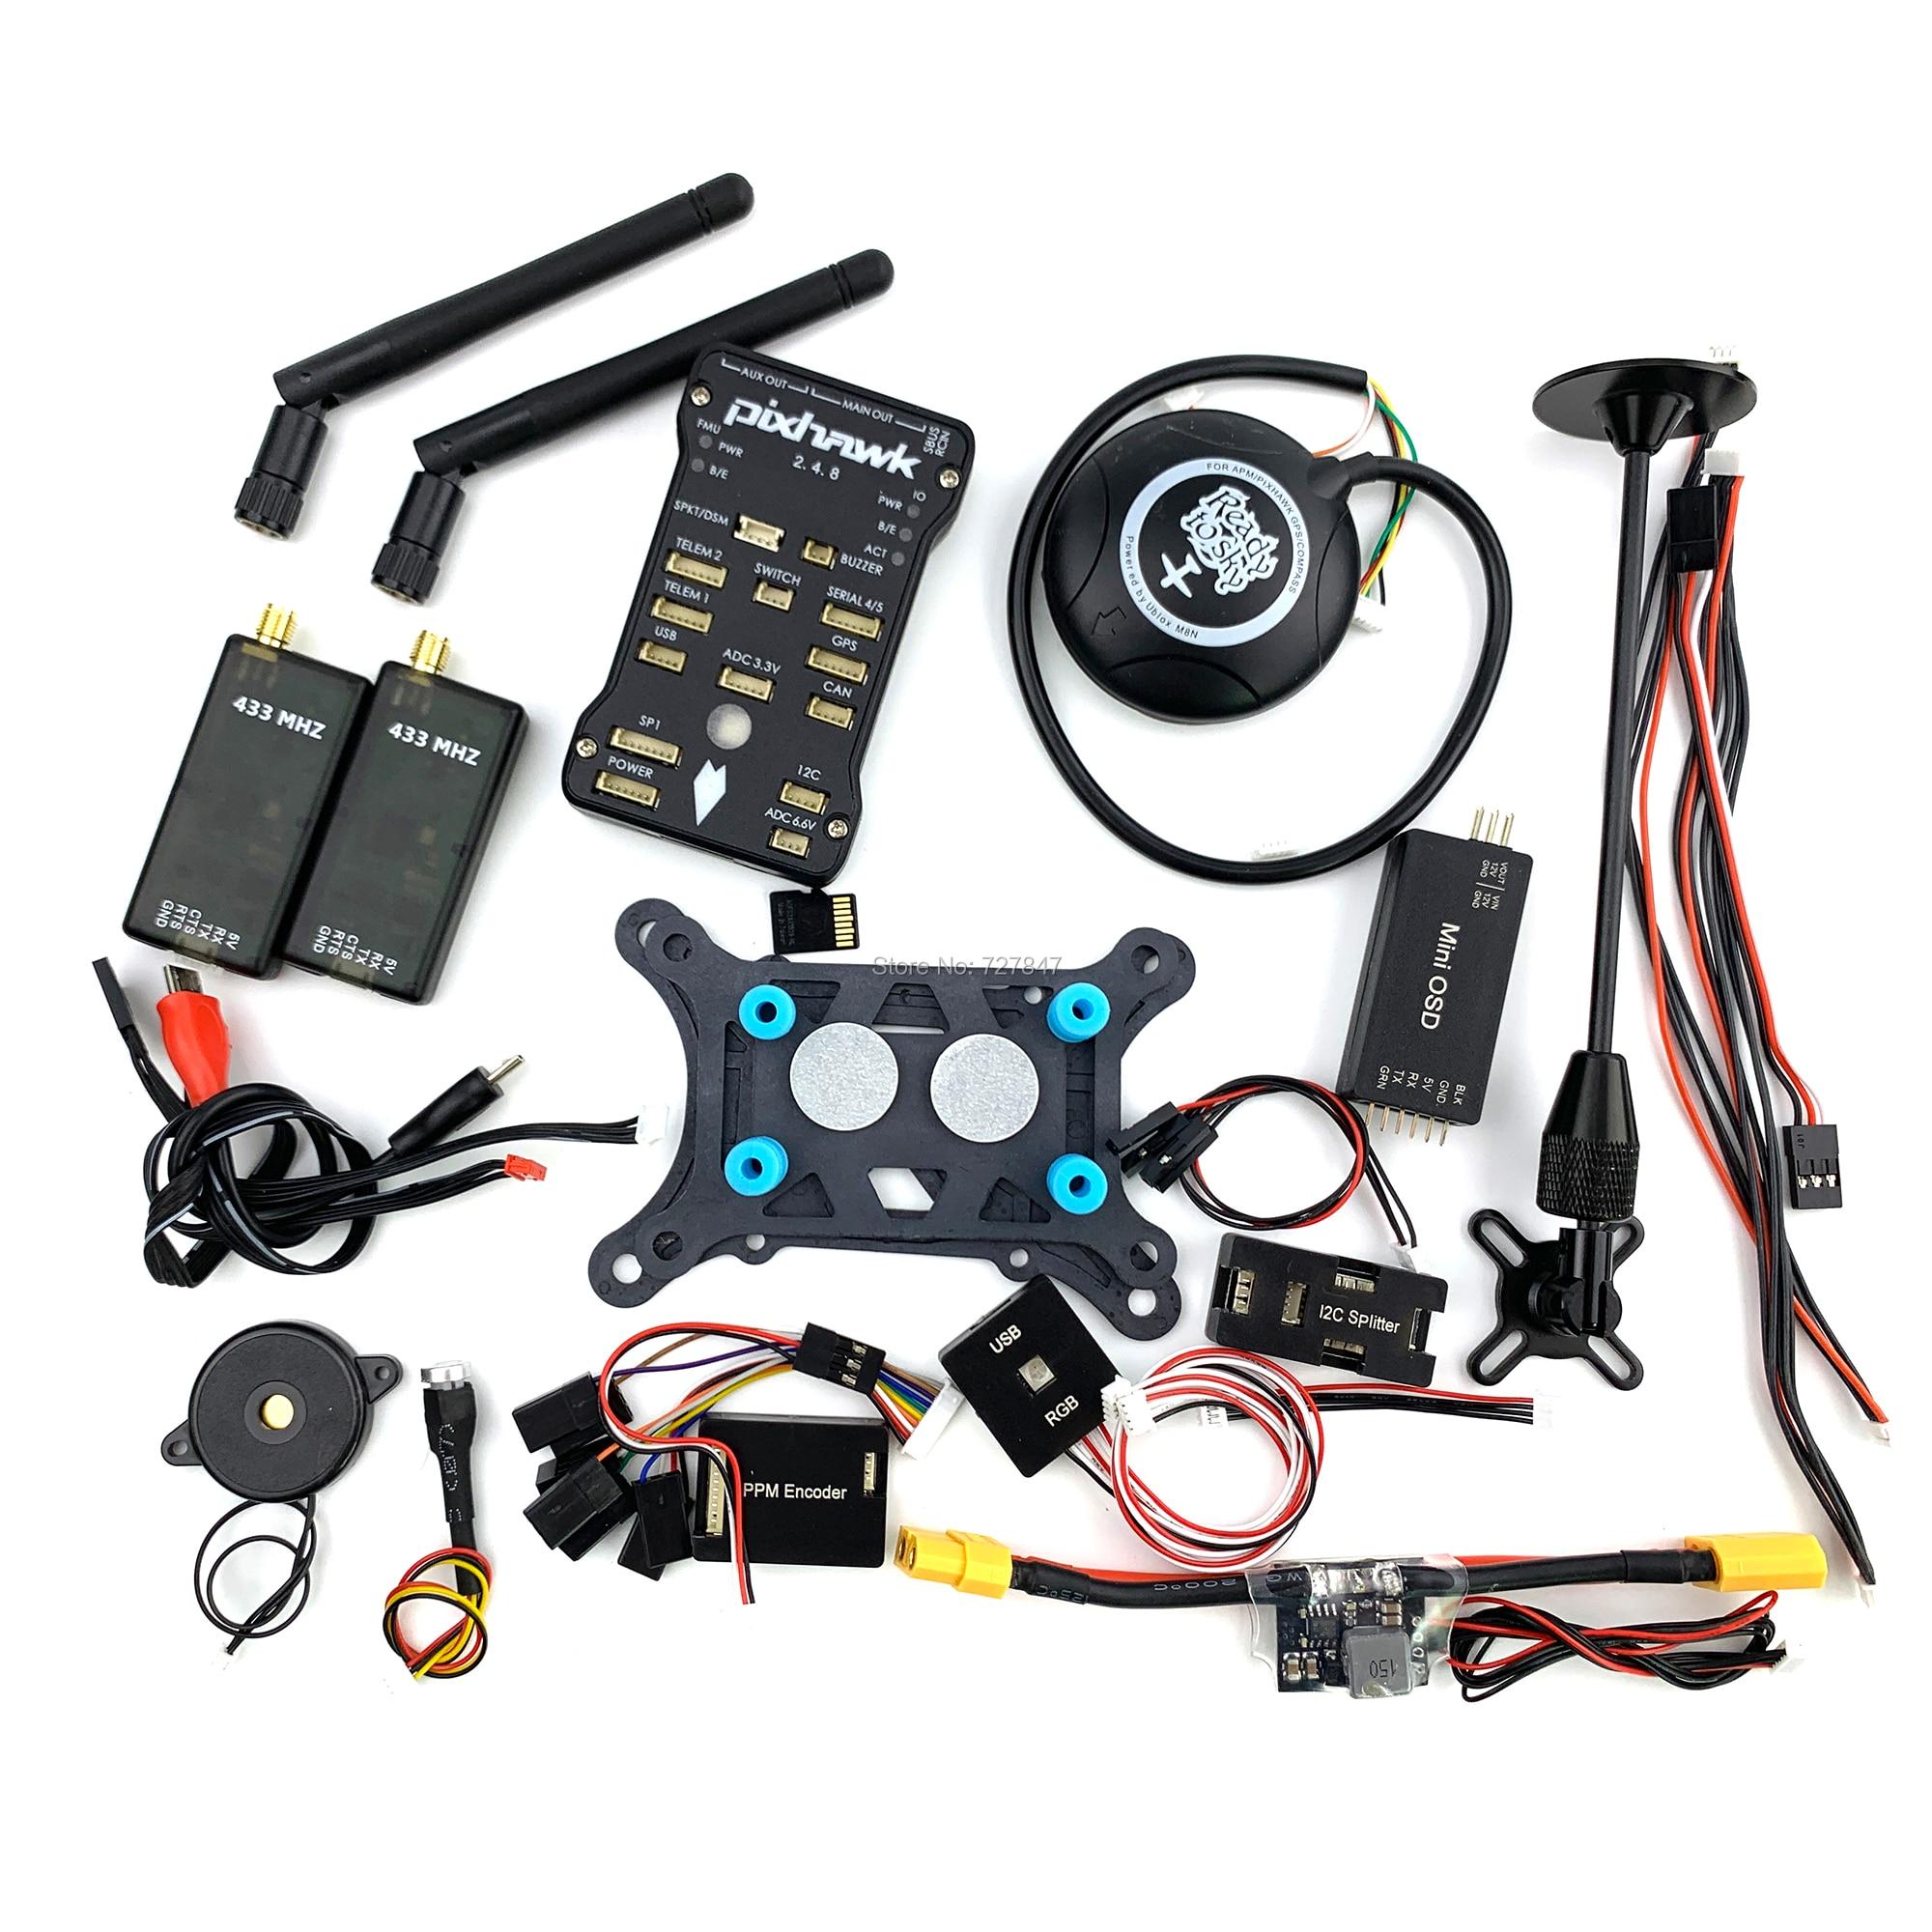 Pixhawk PX4 PIX 2.4.8 32 Peu Vol Contrôleur + 433/915 Télémétrie + M8N GPS + Minim OSD + PM + Interrupteur de sécurité + Buzzer + RGB + PPM + I2C + 16G SD - 5